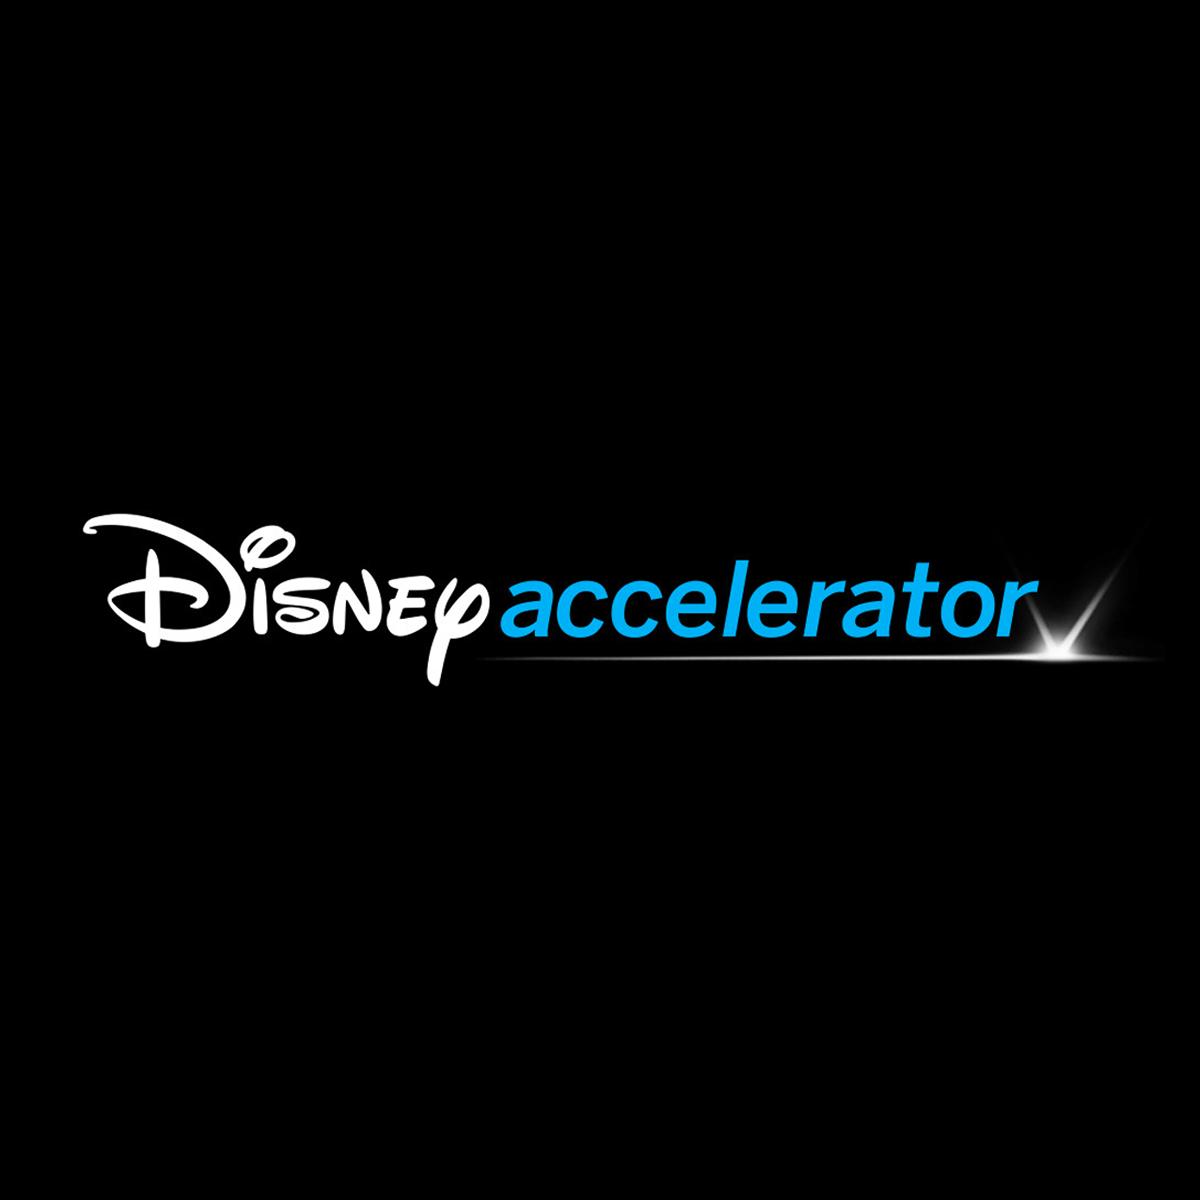 Bambuser Selected to Join Disney's Accelerator Program